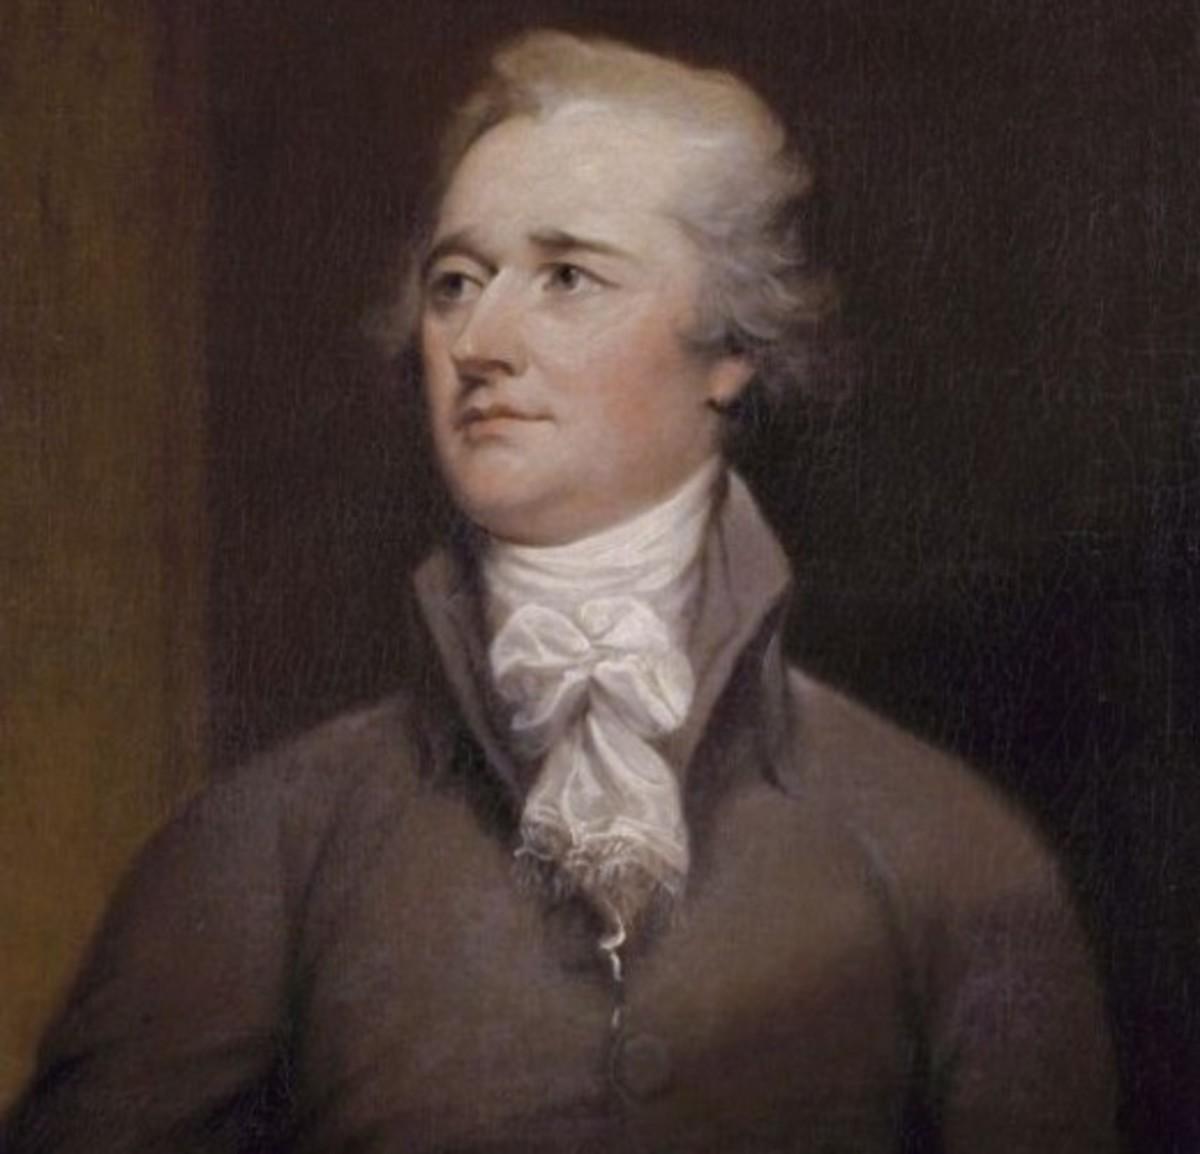 Portrait (1792) by John Trumbull (1756-1843)